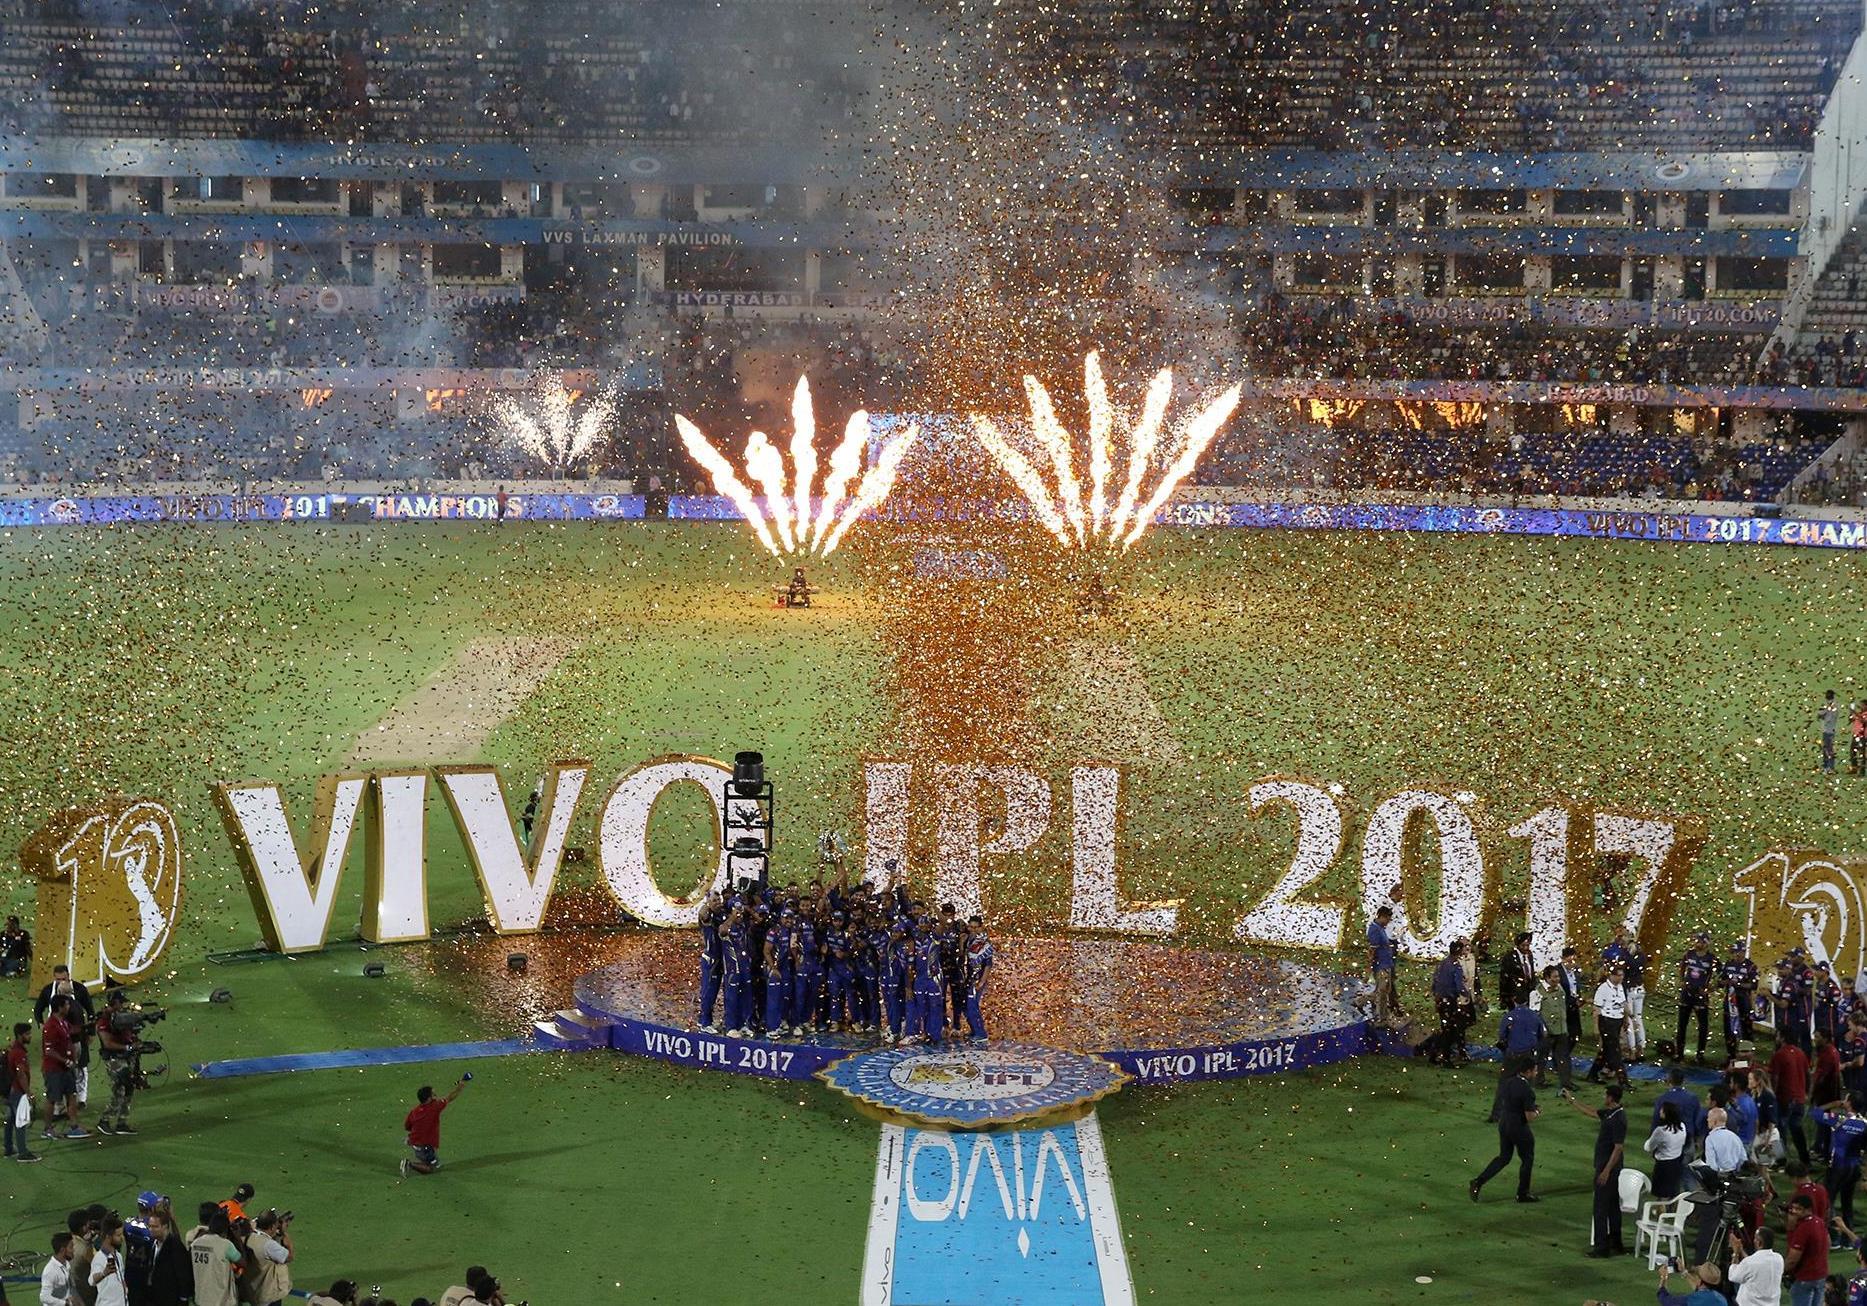 IPL नहीं बल्कि यह लीग है दुनिया की सबसे महंगी लीग, विजेताओं की मिलती हैं काफी मोटी रकम 1